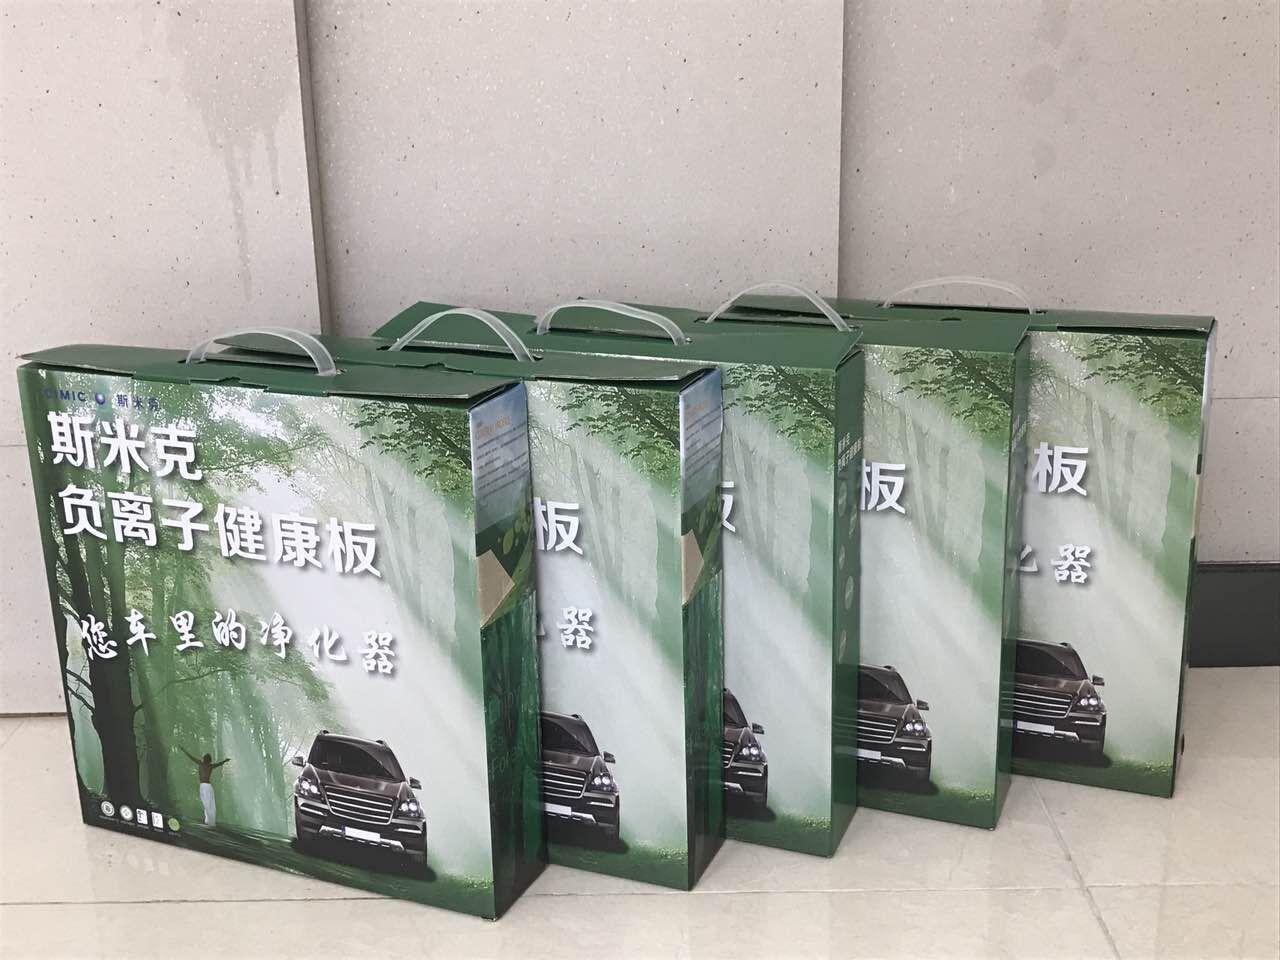 東莞車用除味功能板_東莞實惠的車用除味功能板推薦